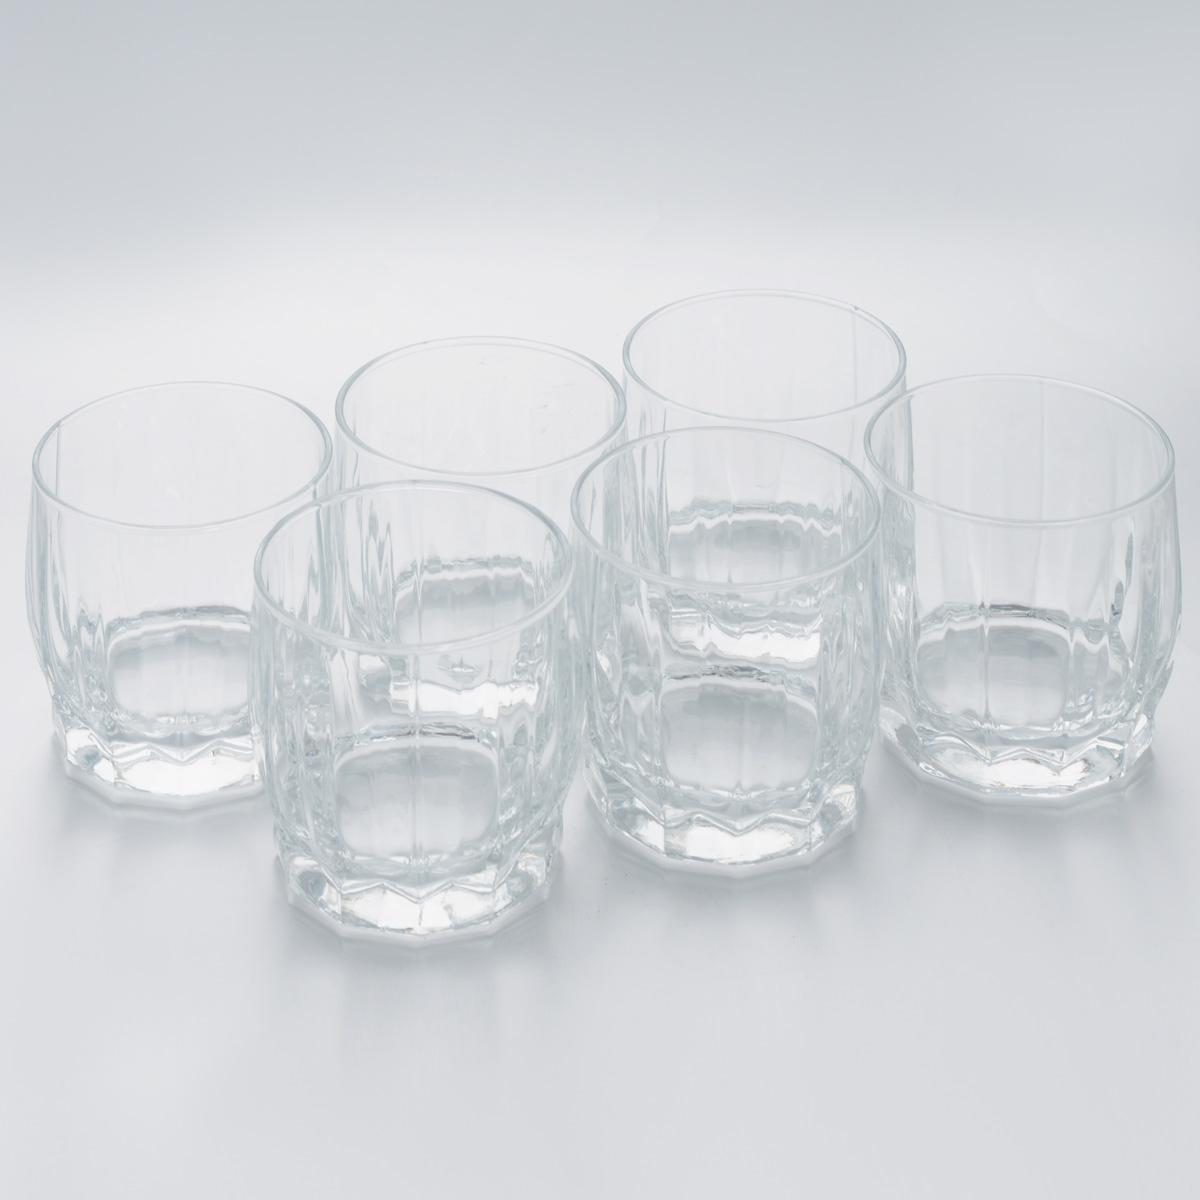 Набор стаканов Pasabahce Dance, 290 мл, 6 шт24683Набор Pasabahce Dance состоит из шести стаканов, выполненных из закаленного натрий-кальций-силикатного стекла. Низкие граненые стаканы с широким горлышком предназначены для подачи воды, сока, компота и других напитков. Стаканы сочетают в себе элегантный дизайн и функциональность.Набор стаканов Pasabahce Dance идеально подойдет для сервировки стола и станет отличным подарком к любому празднику.Можно использовать в морозильной камере и микроволновой печи. Можно мыть в посудомоечной машине. Диаметр стакана (по верхнему краю): 7,5 см. Высота стакана: 8,5 см.